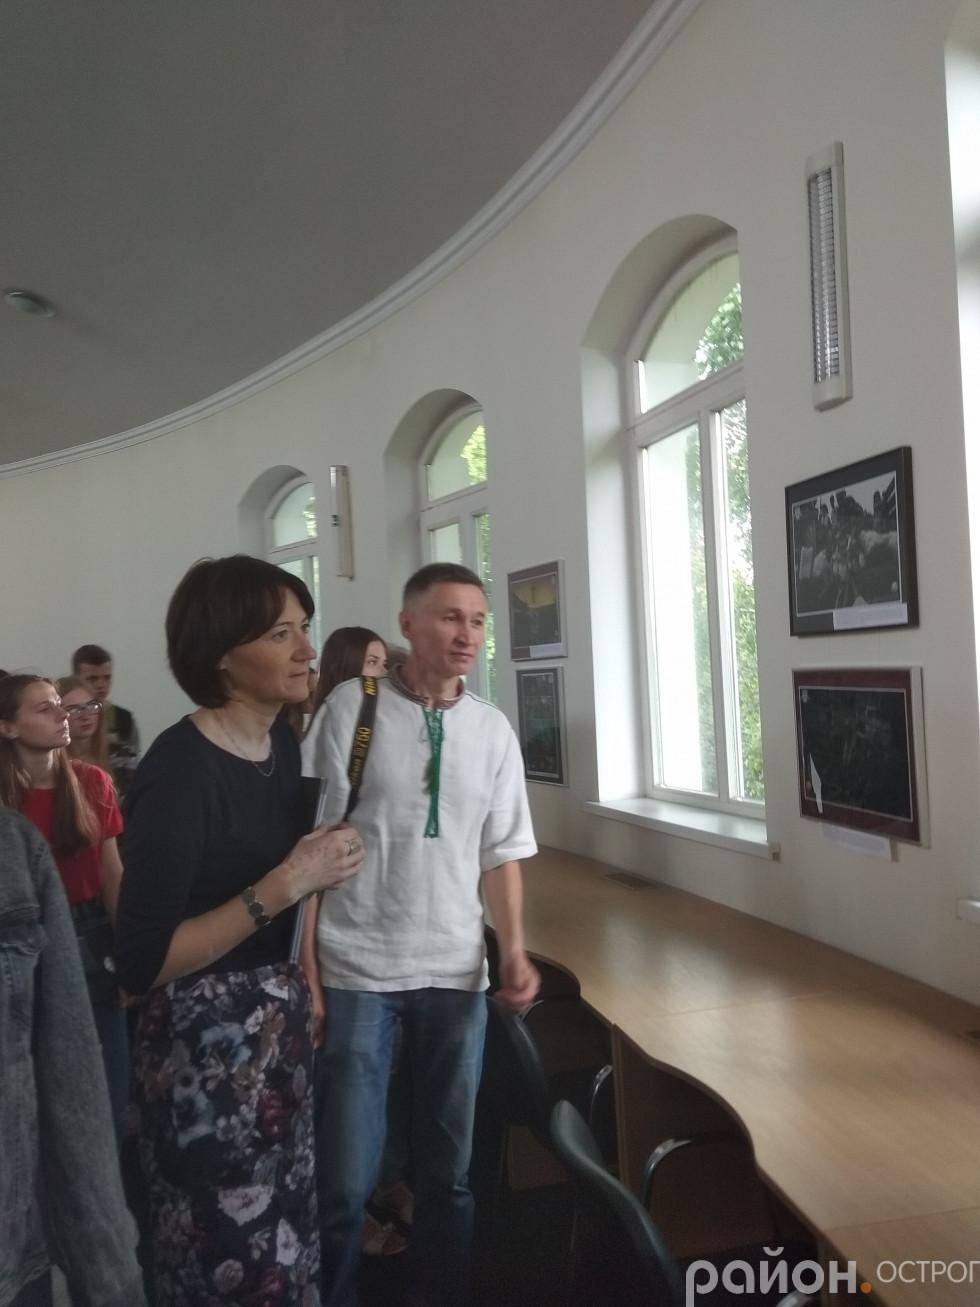 Огляд експозиції виставки